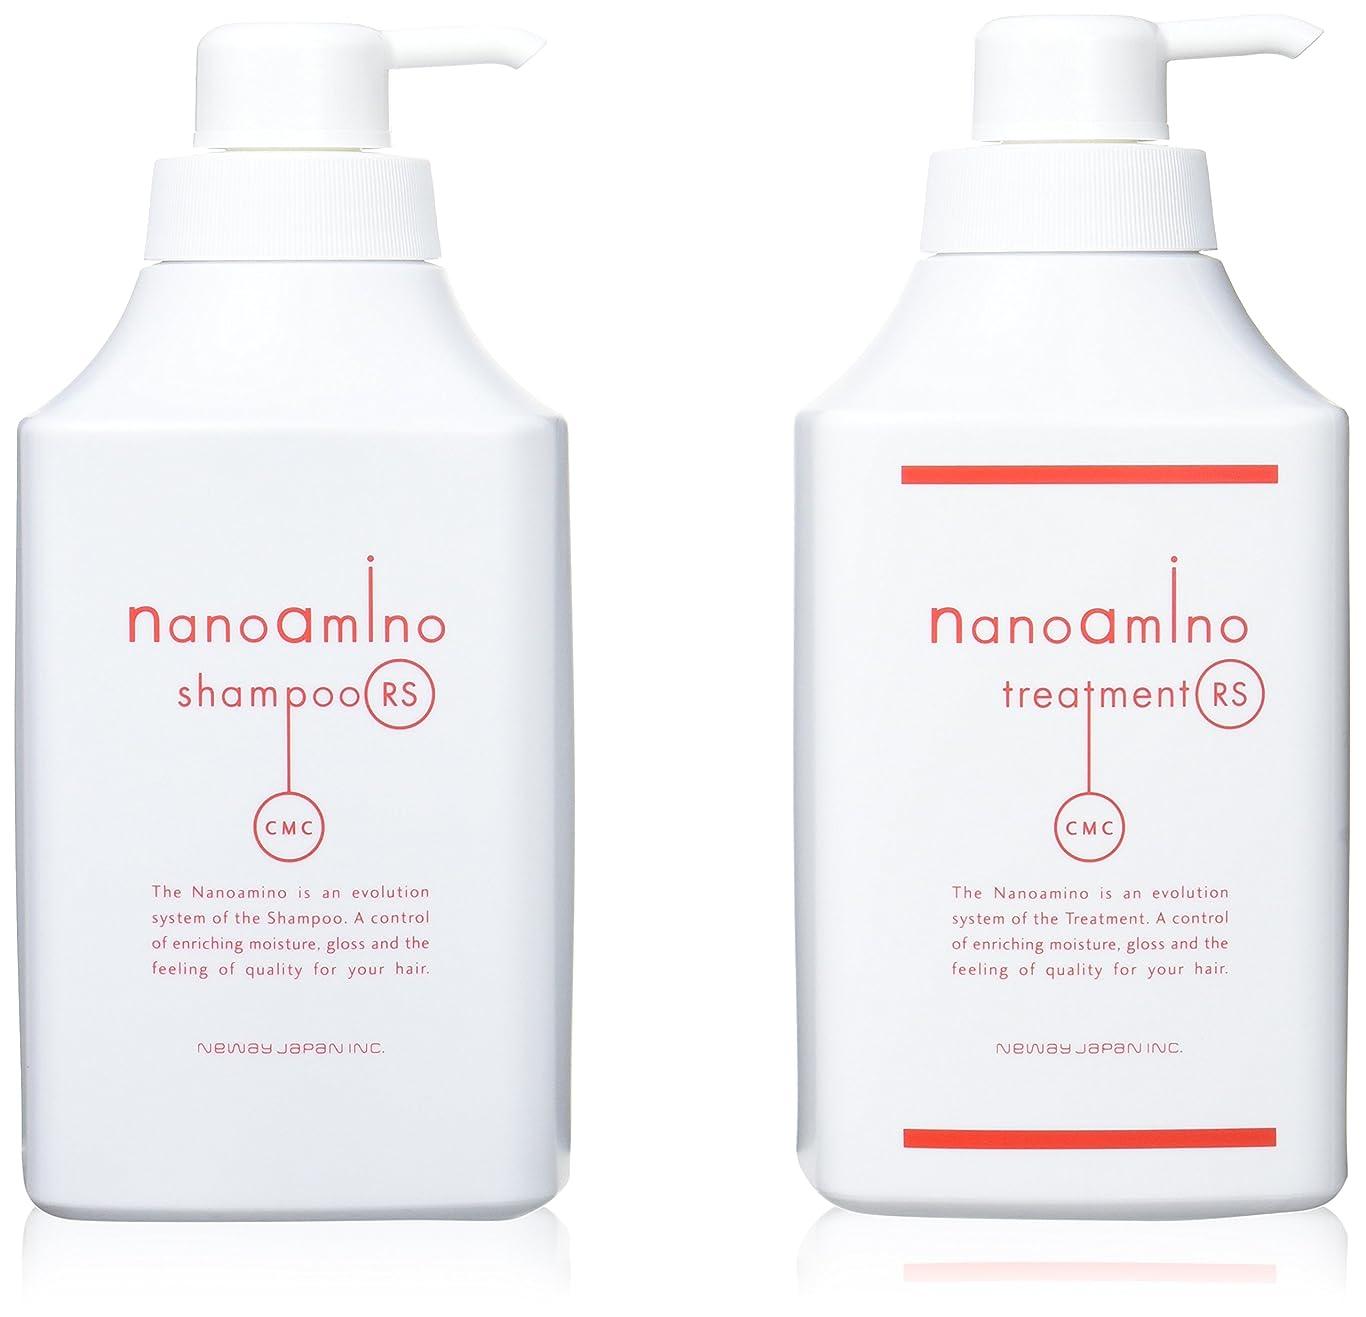 放置旅喜んでお得セット ニューウェイジャパン ナノアミノ RS 1000 ポンプタイプセット